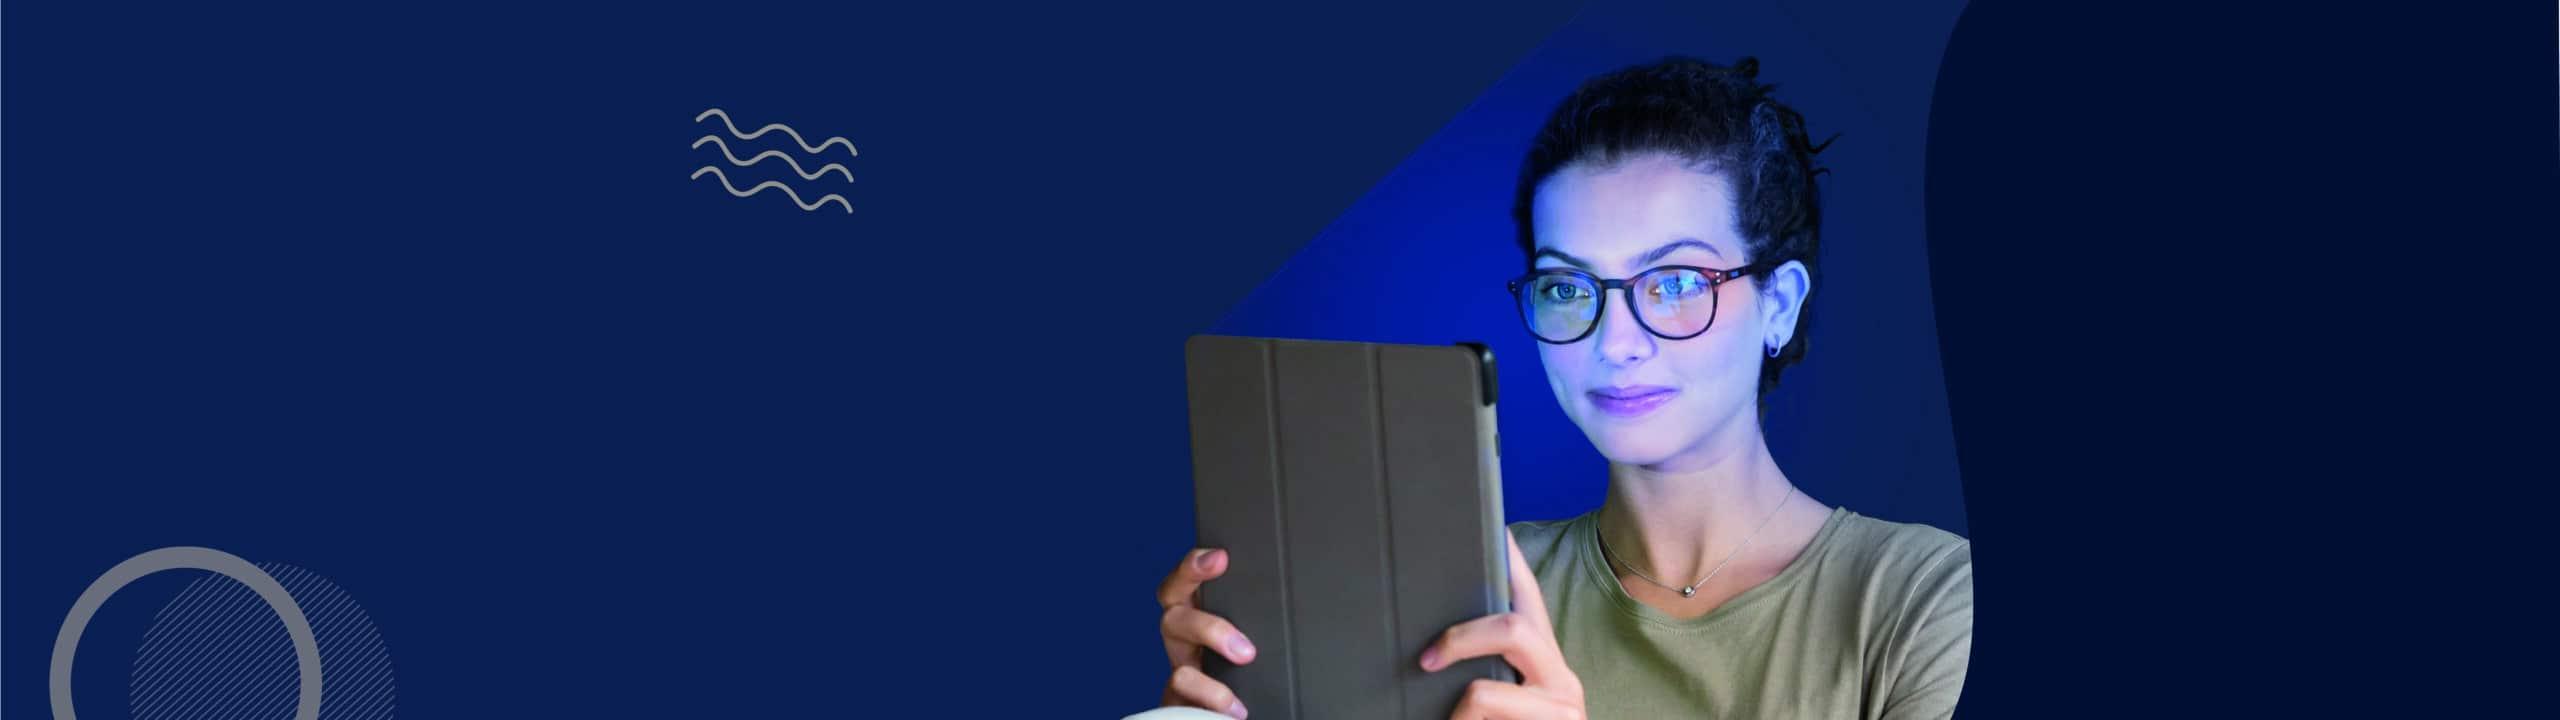 gafas-fiultro-luz-azul-banner-home